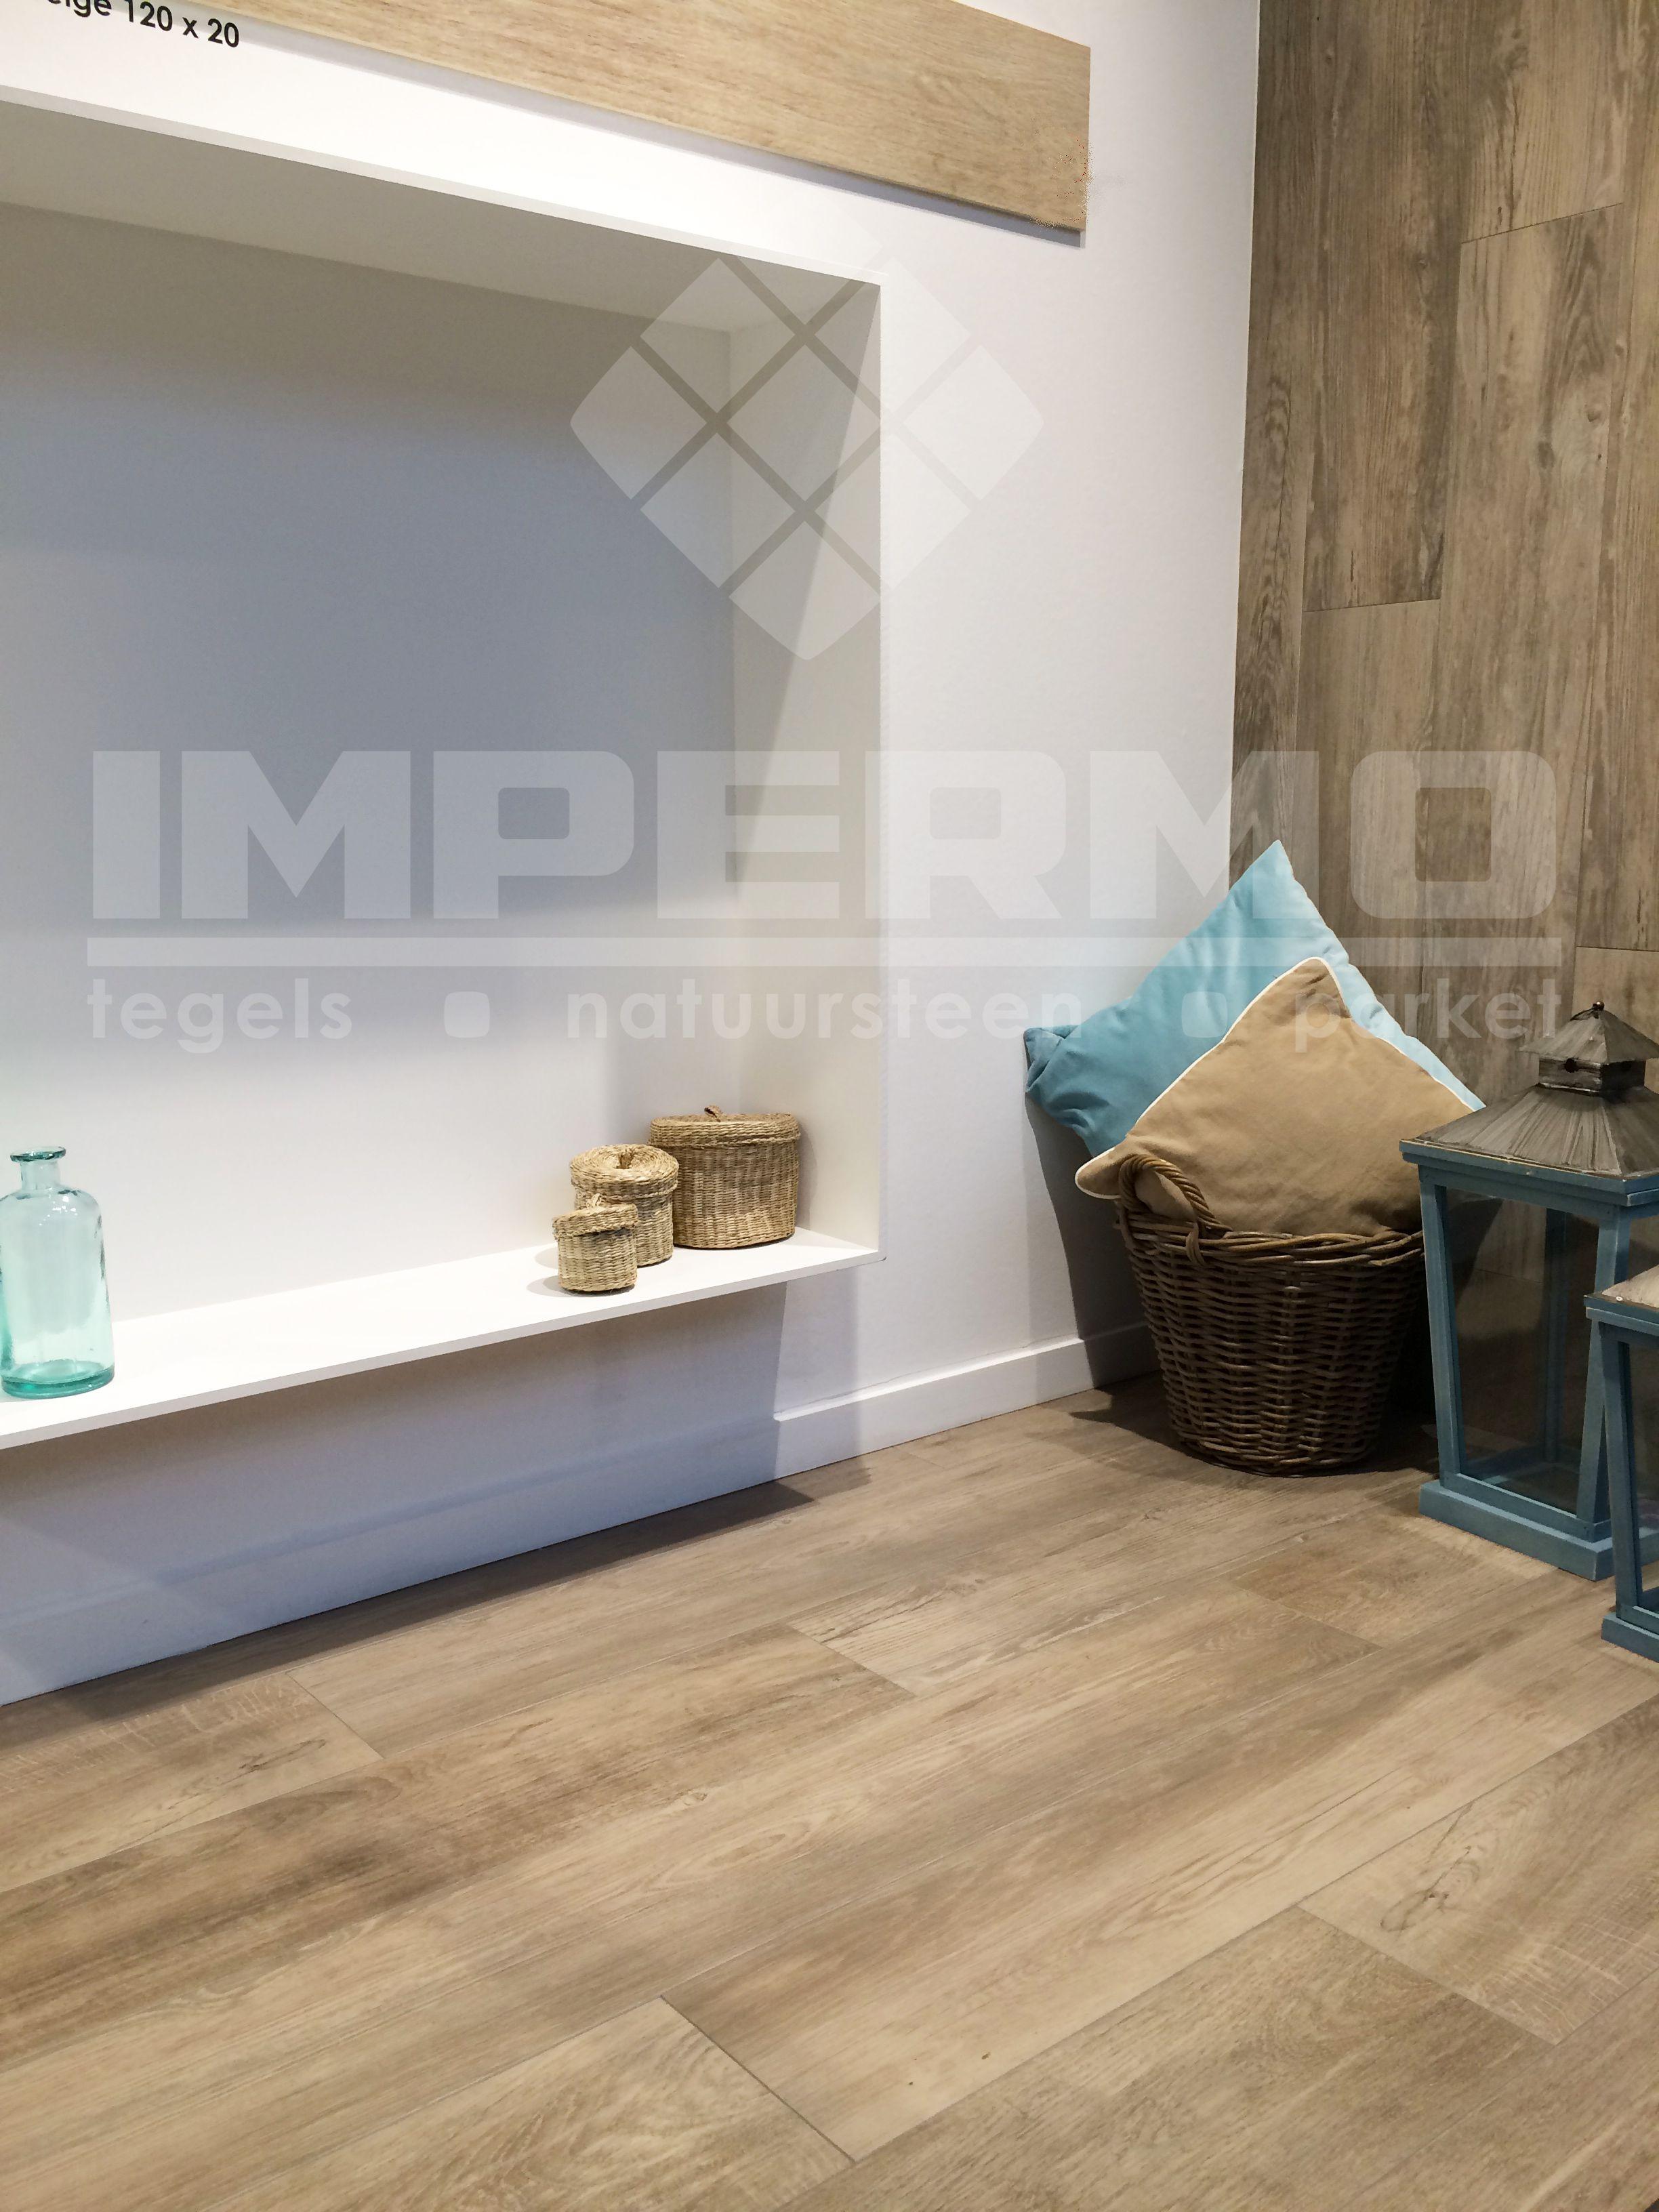 kronos prima materia 60x120 cm cenere betonlook tegels